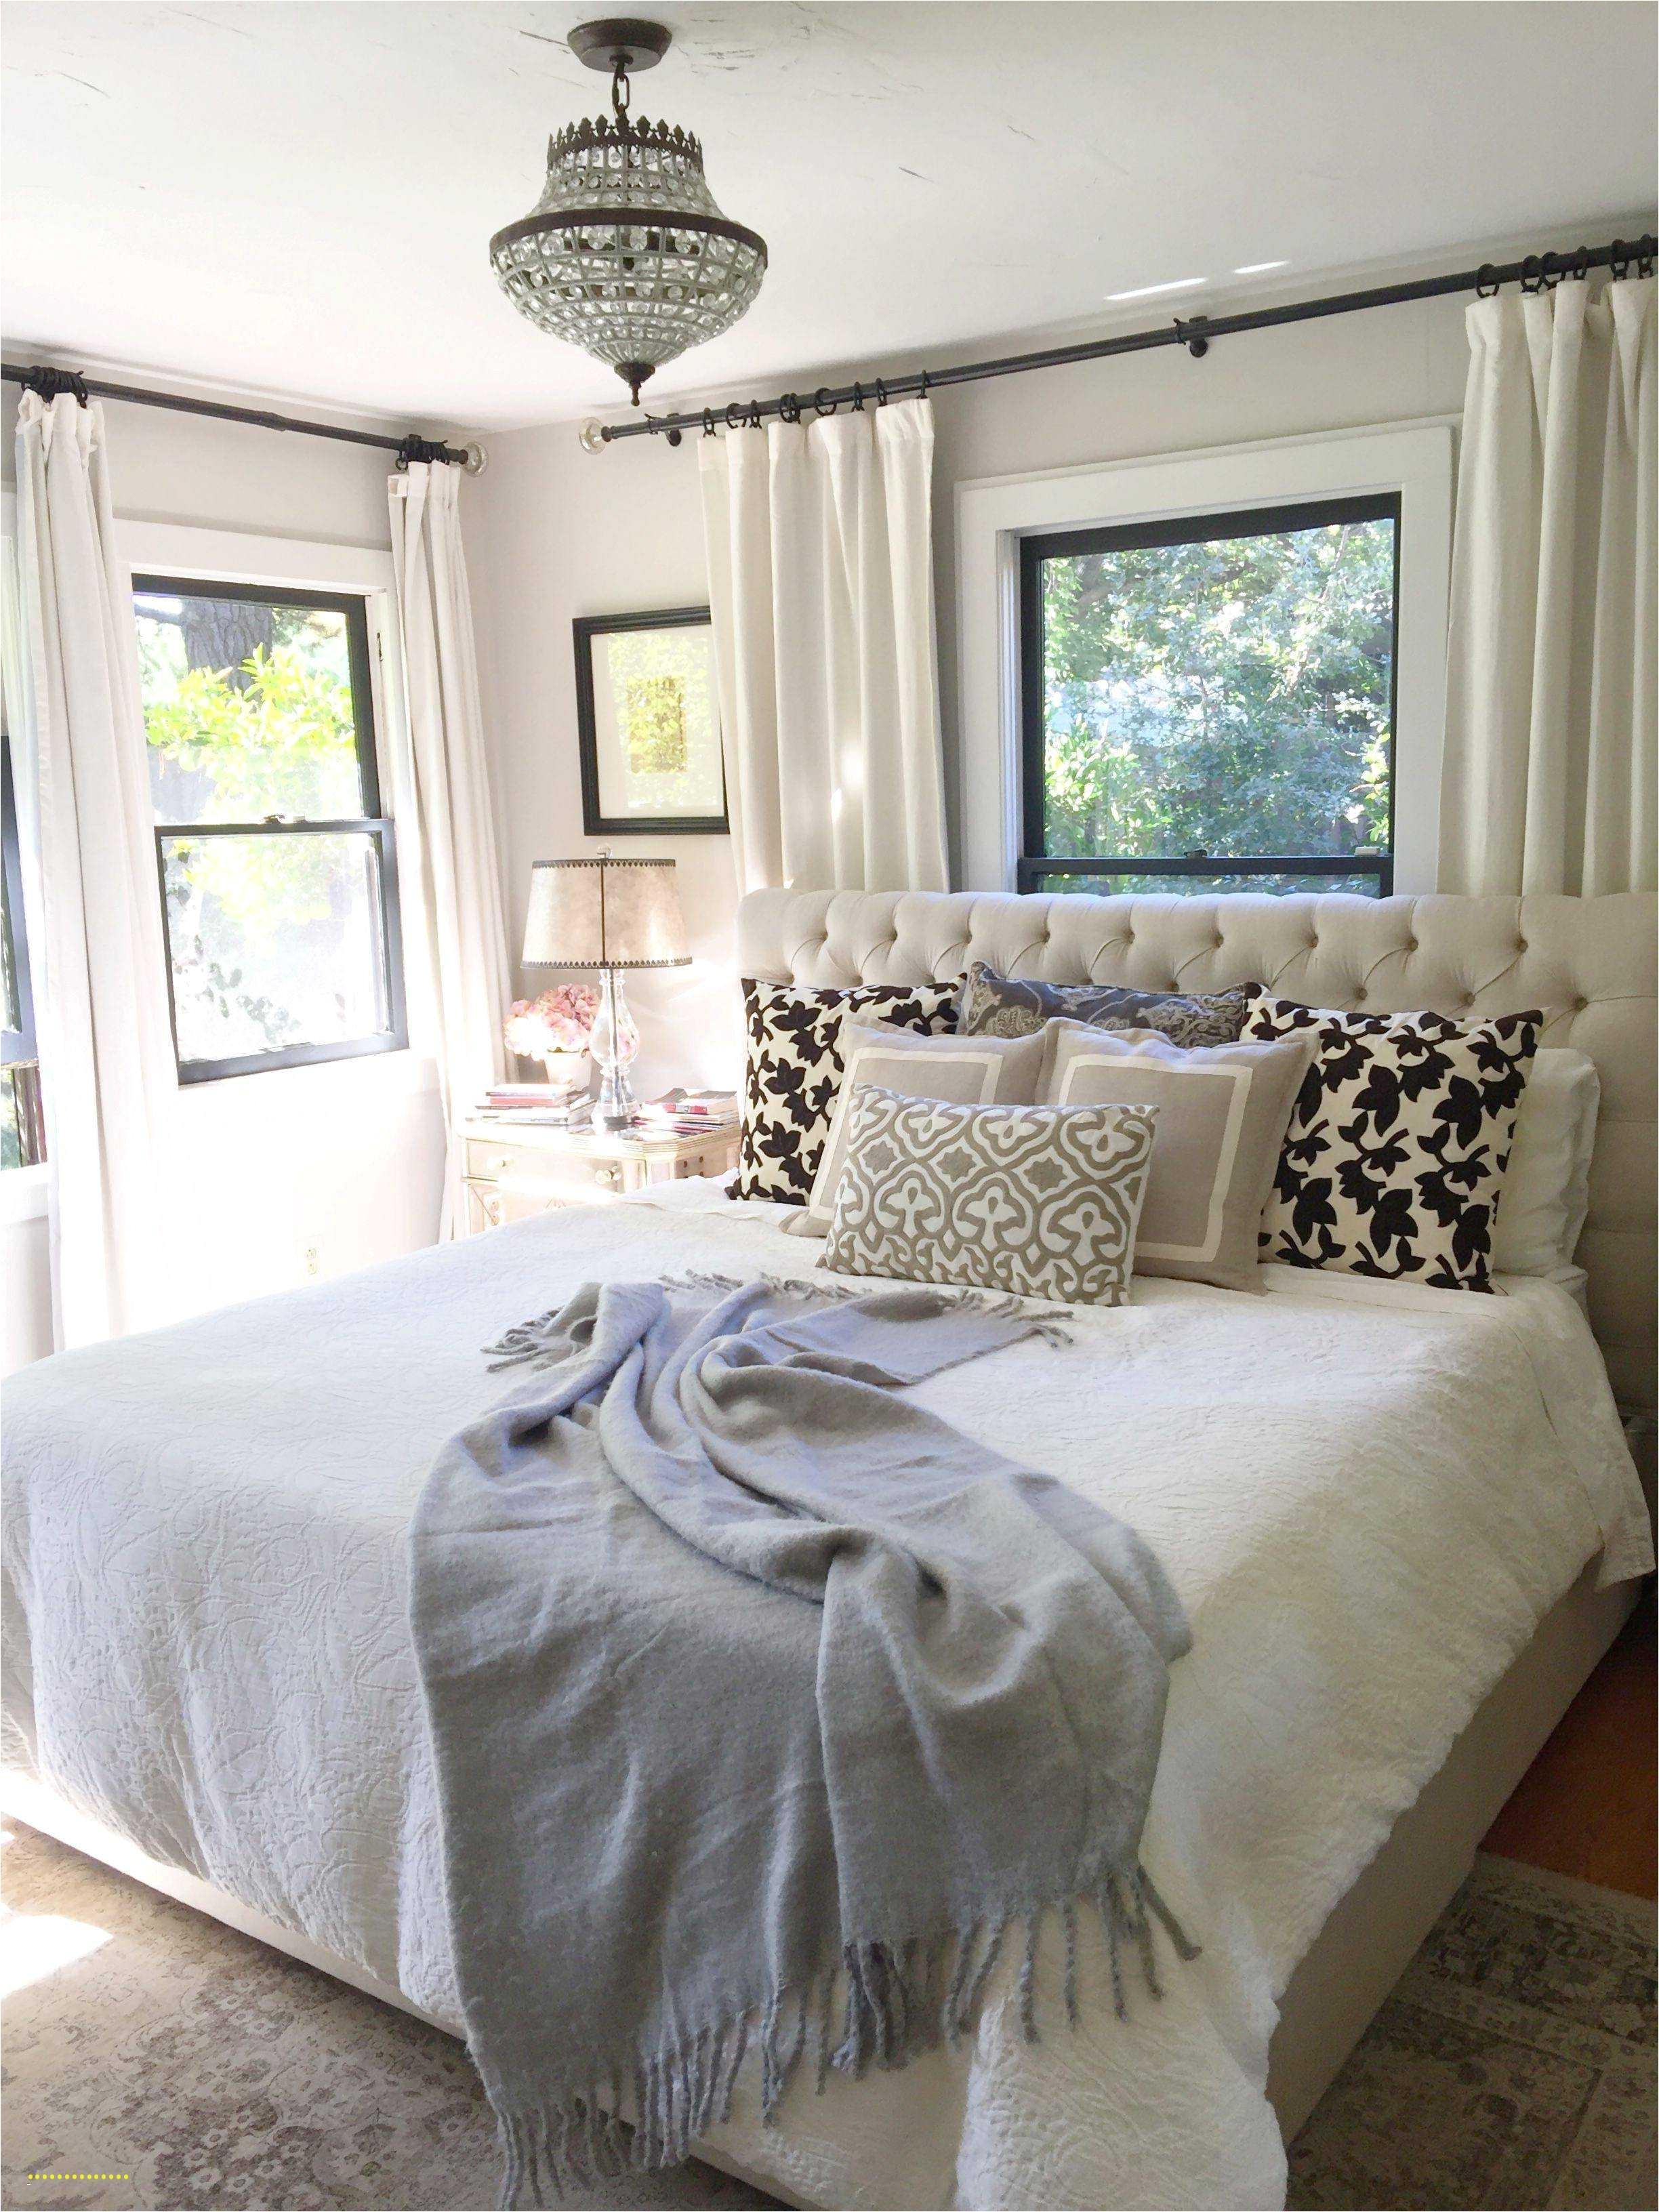 bedroom light ideas inspirational bedroom ideas bed linen luxury bloomingdales mattresses 0d